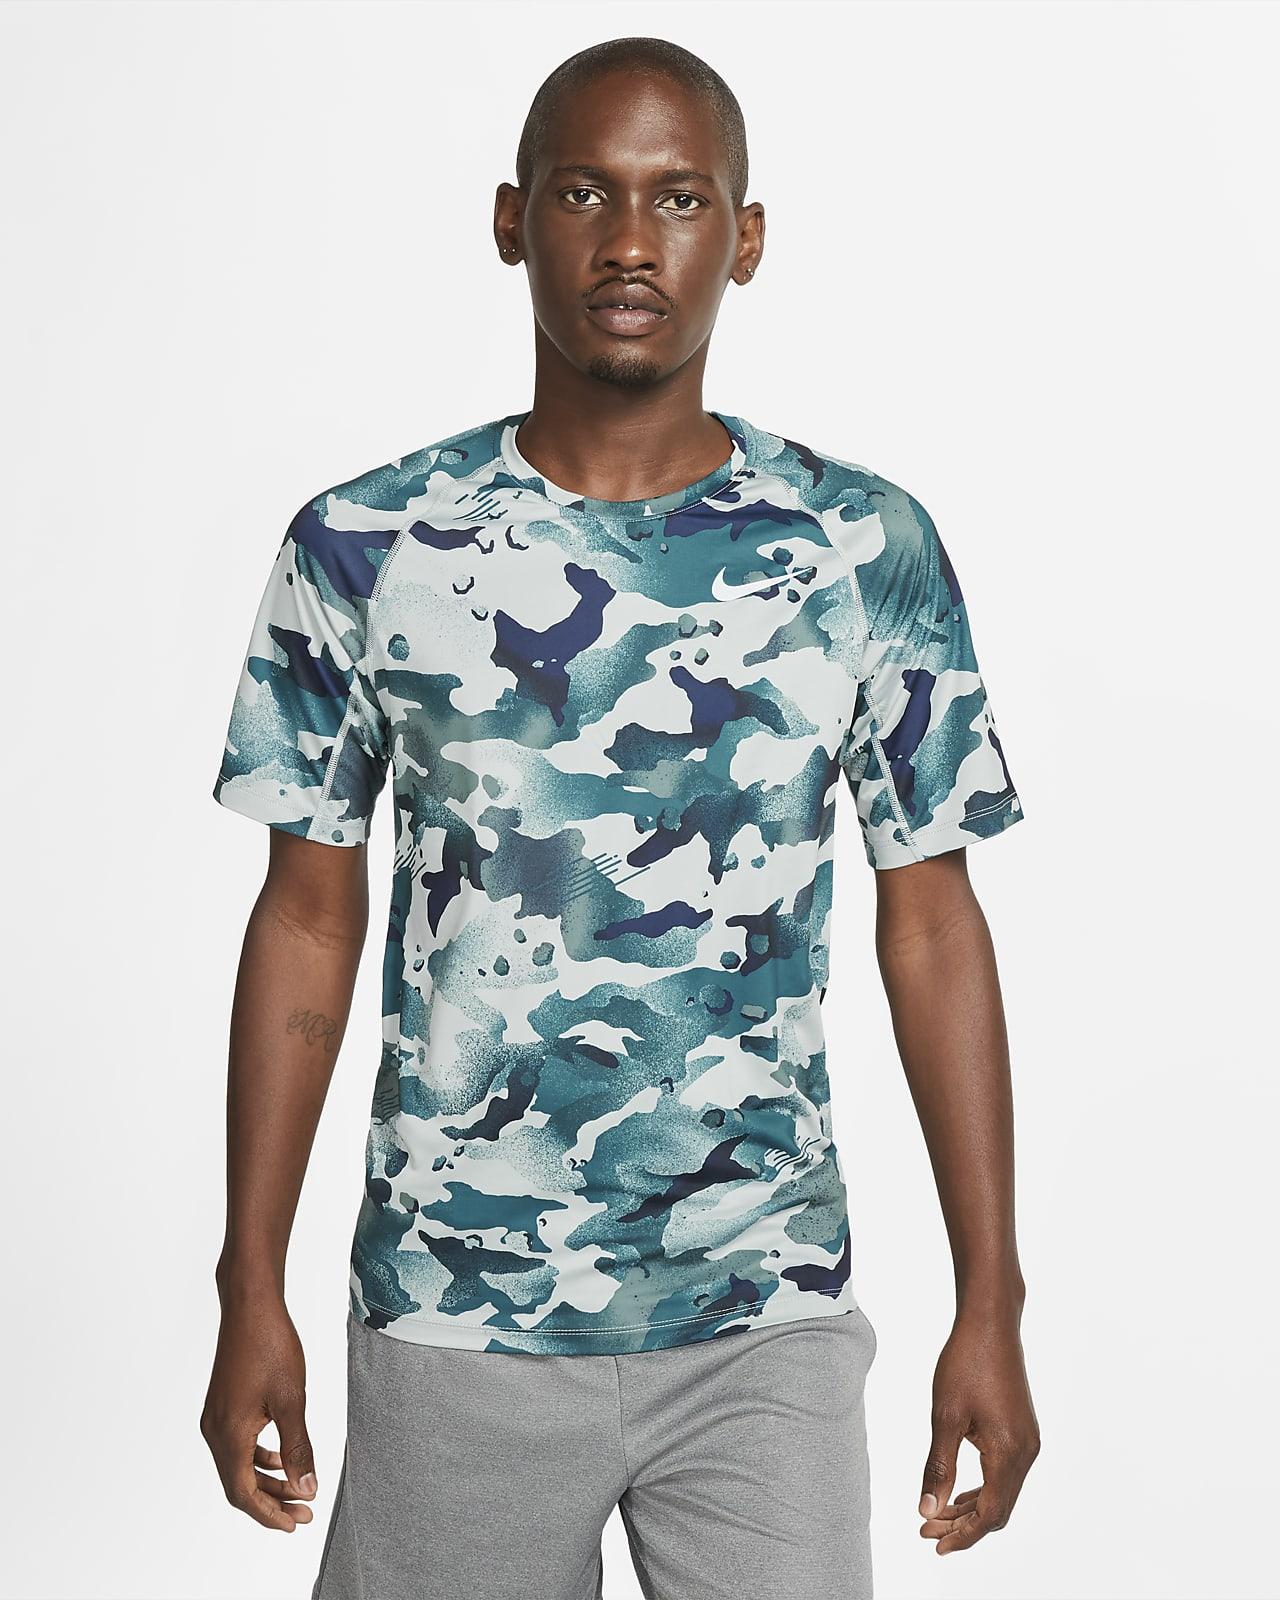 Ανδρική κοντομάνικη μπλούζα με μοτίβο παραλλαγής Nike Pro